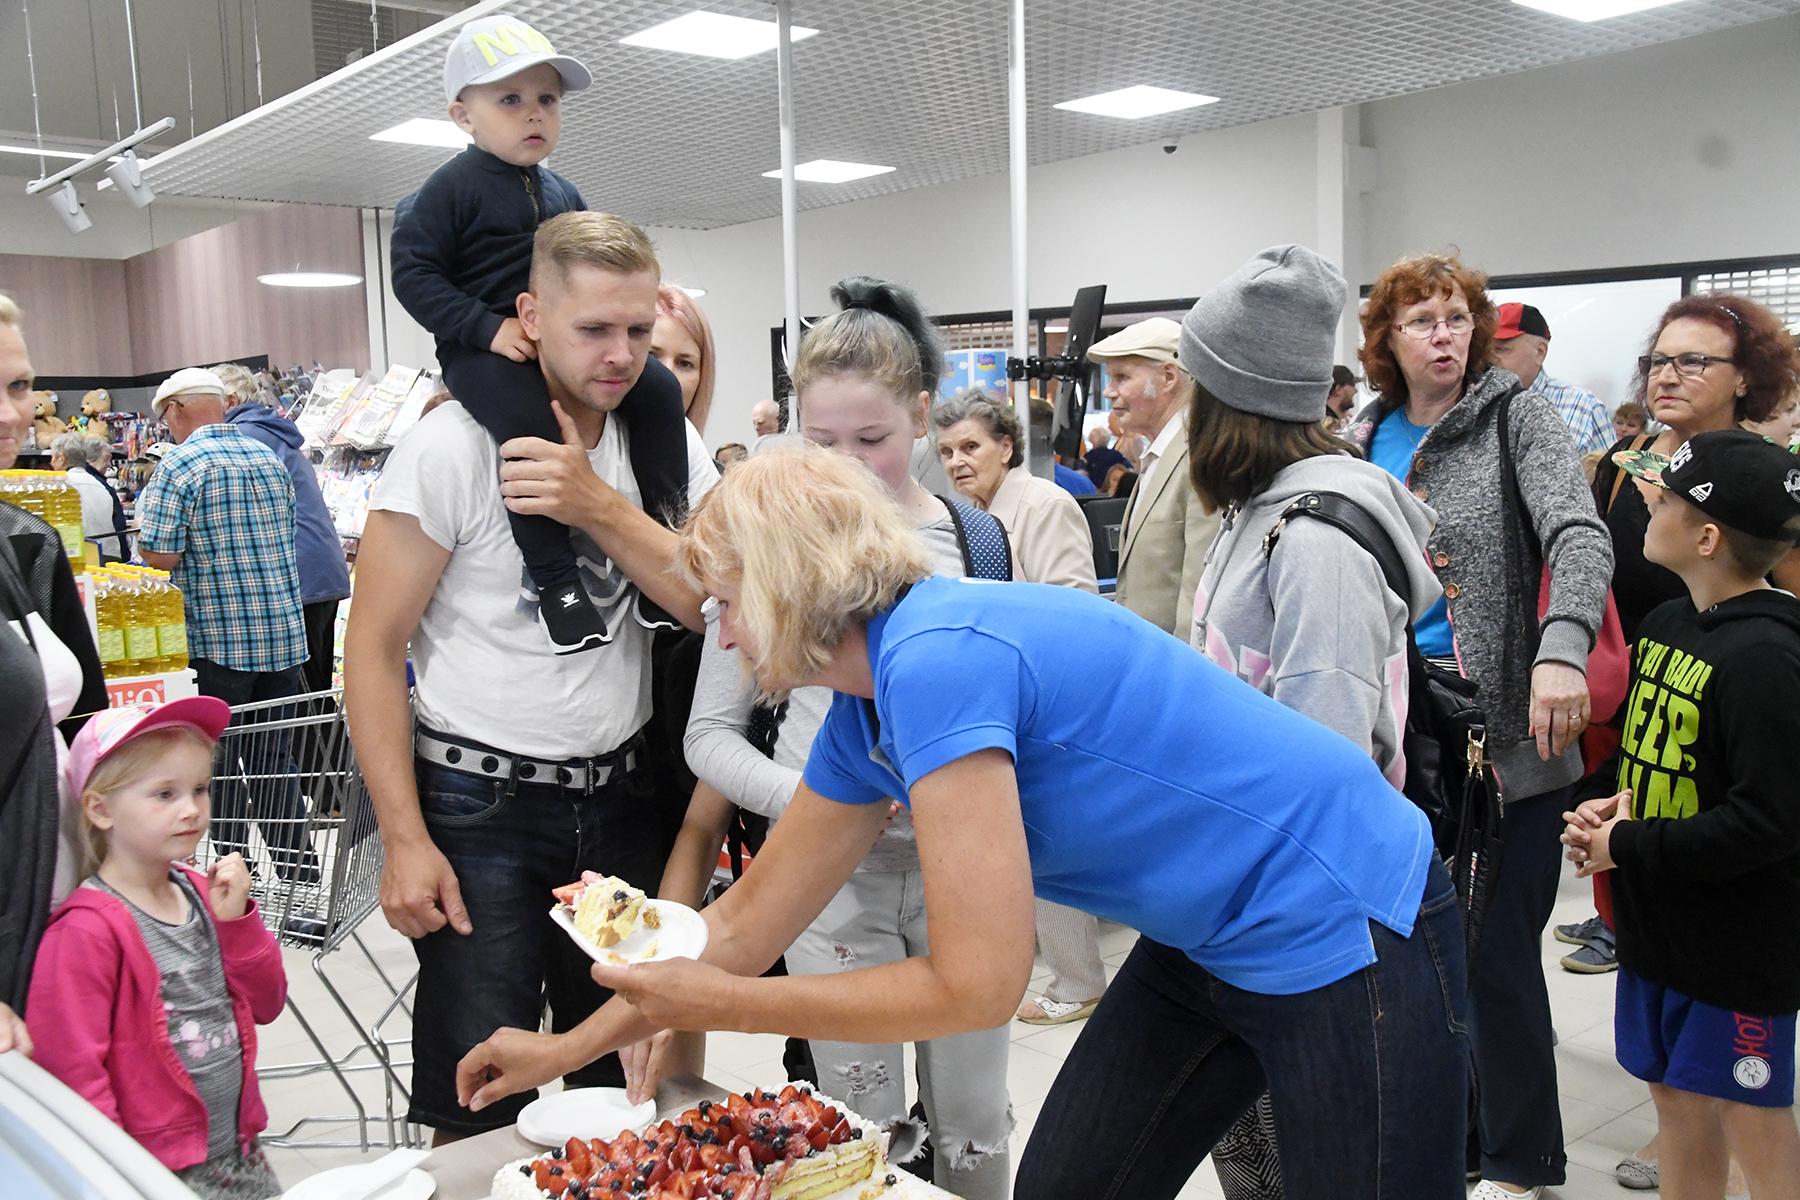 Paikuse kaubahalli avamisel pakuti Elleni firma valmistatud torti. Foto Urmas Saard